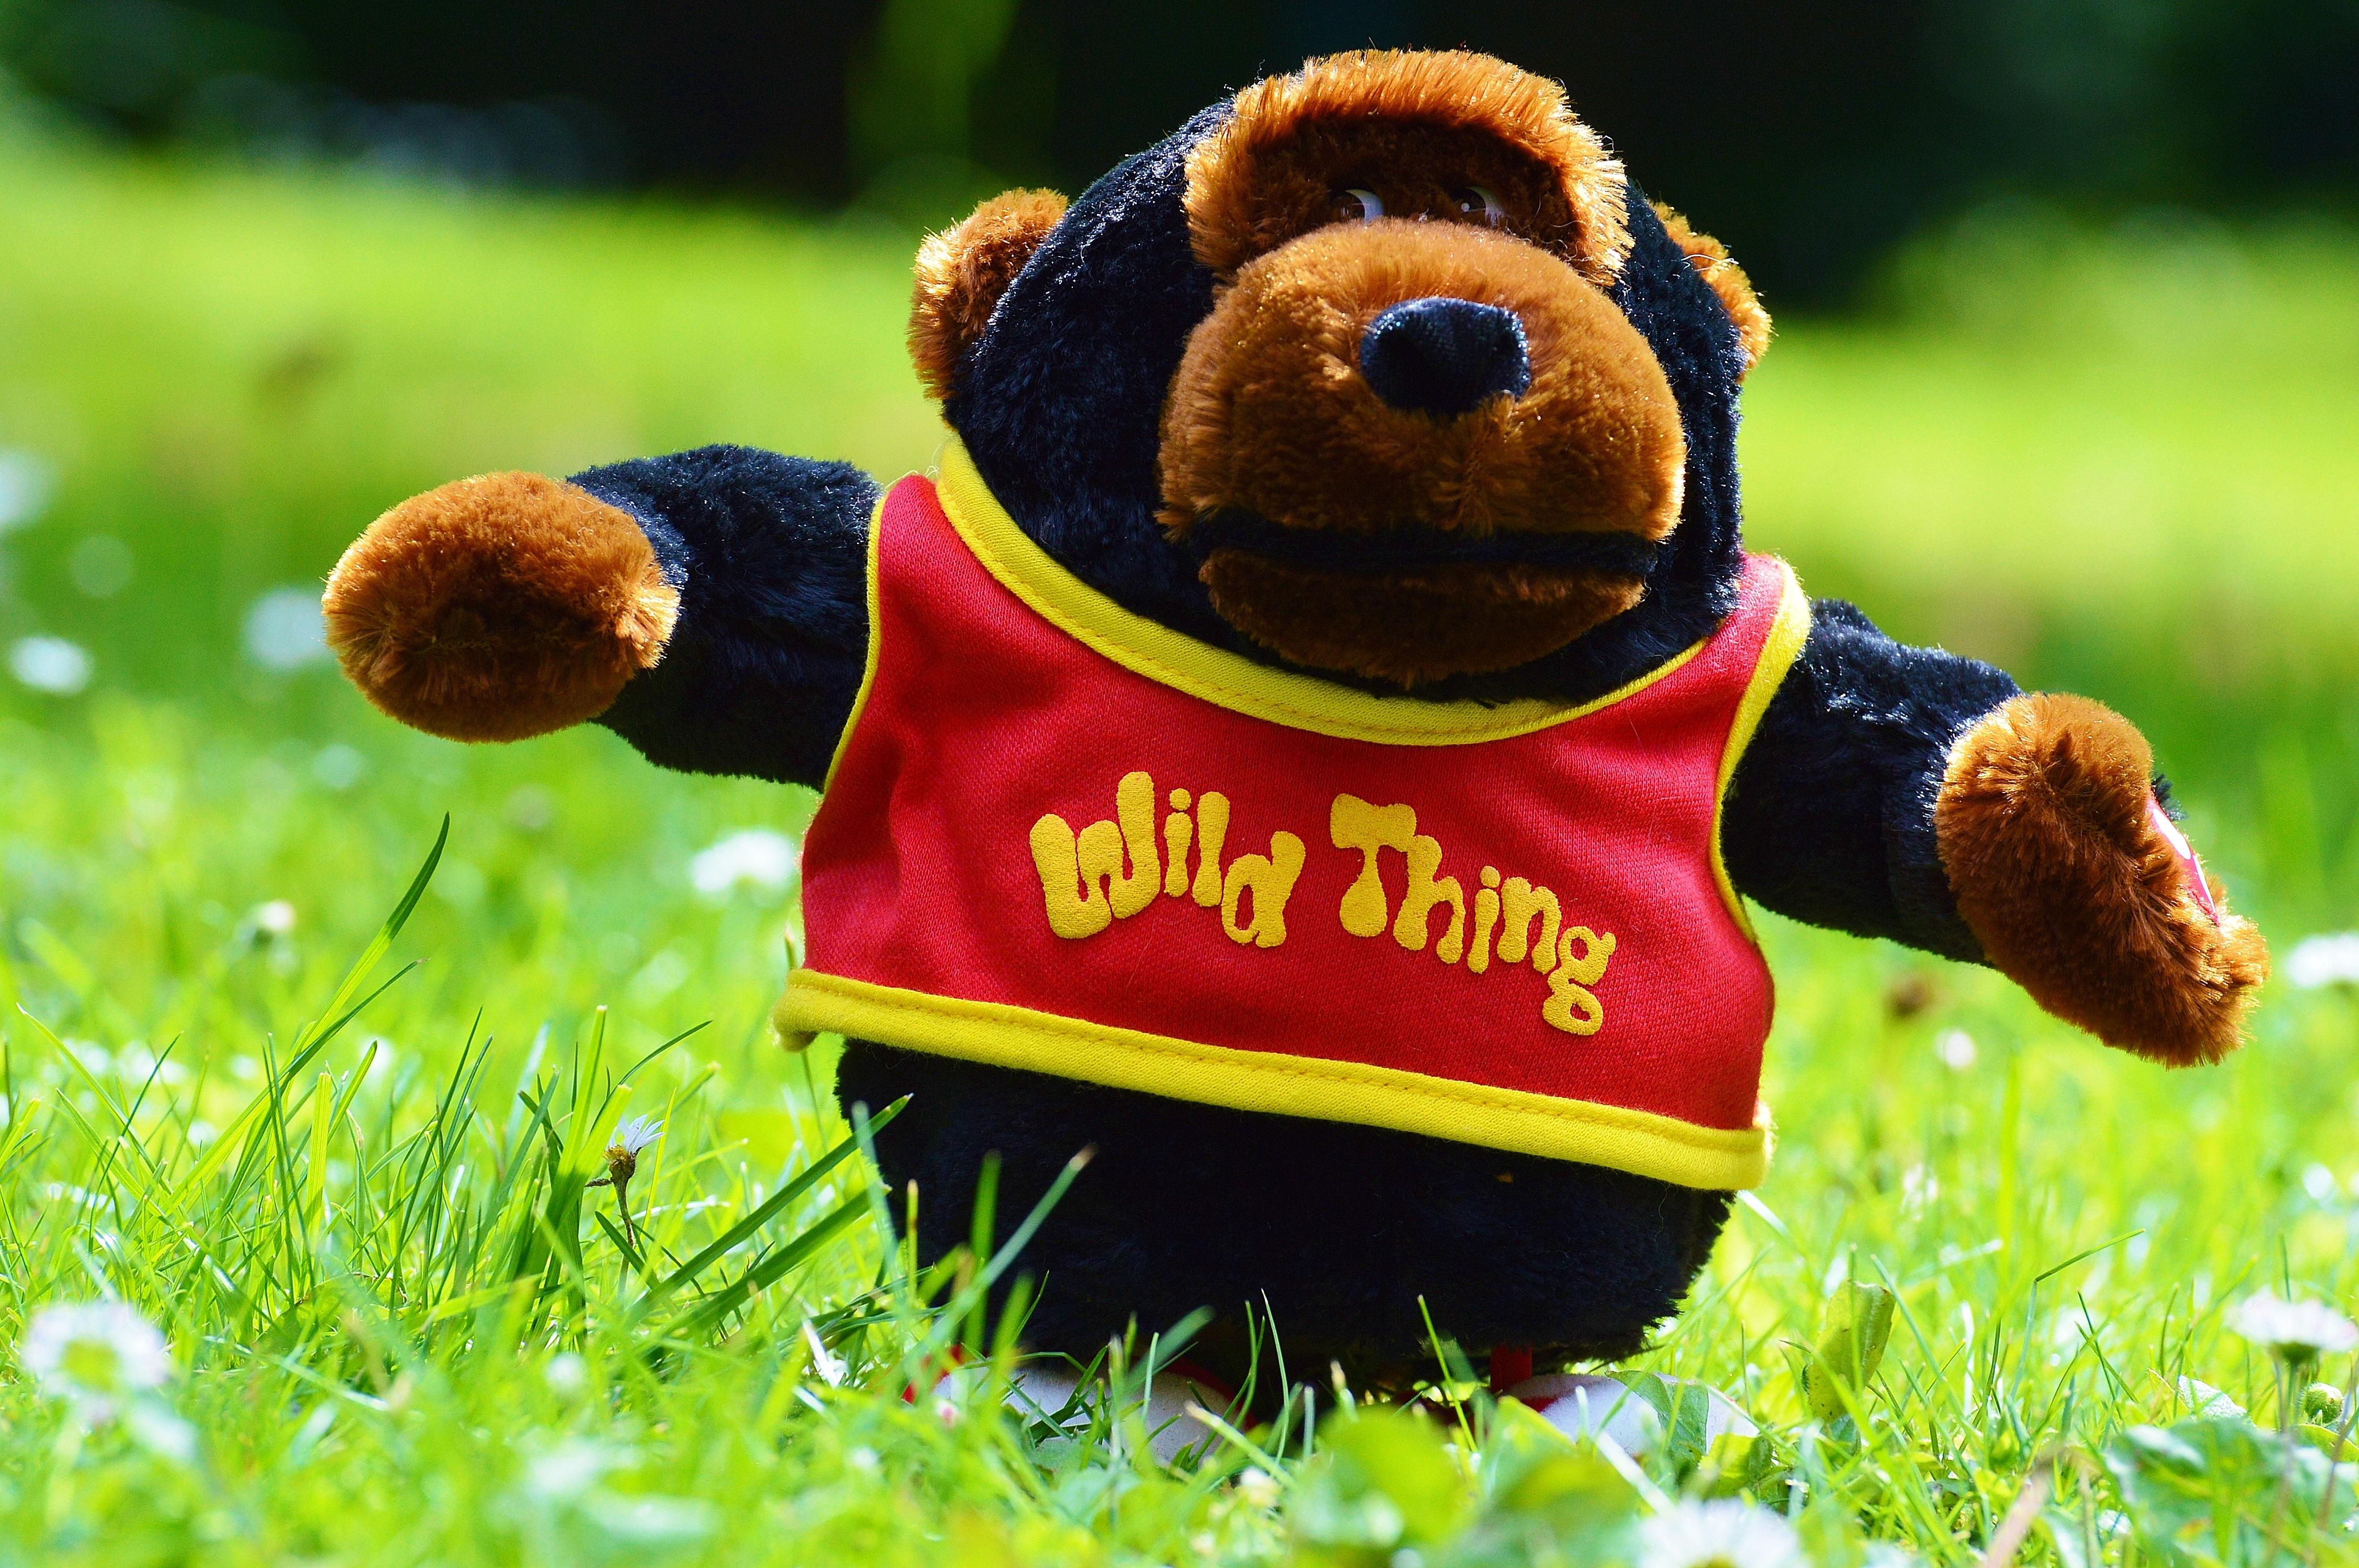 Bãi Cỏ Đồng Cỏ Dễ Thương Con Khỉ Đồ Chơi Gấu Bông Bọn Trẻ Đồ Chơi